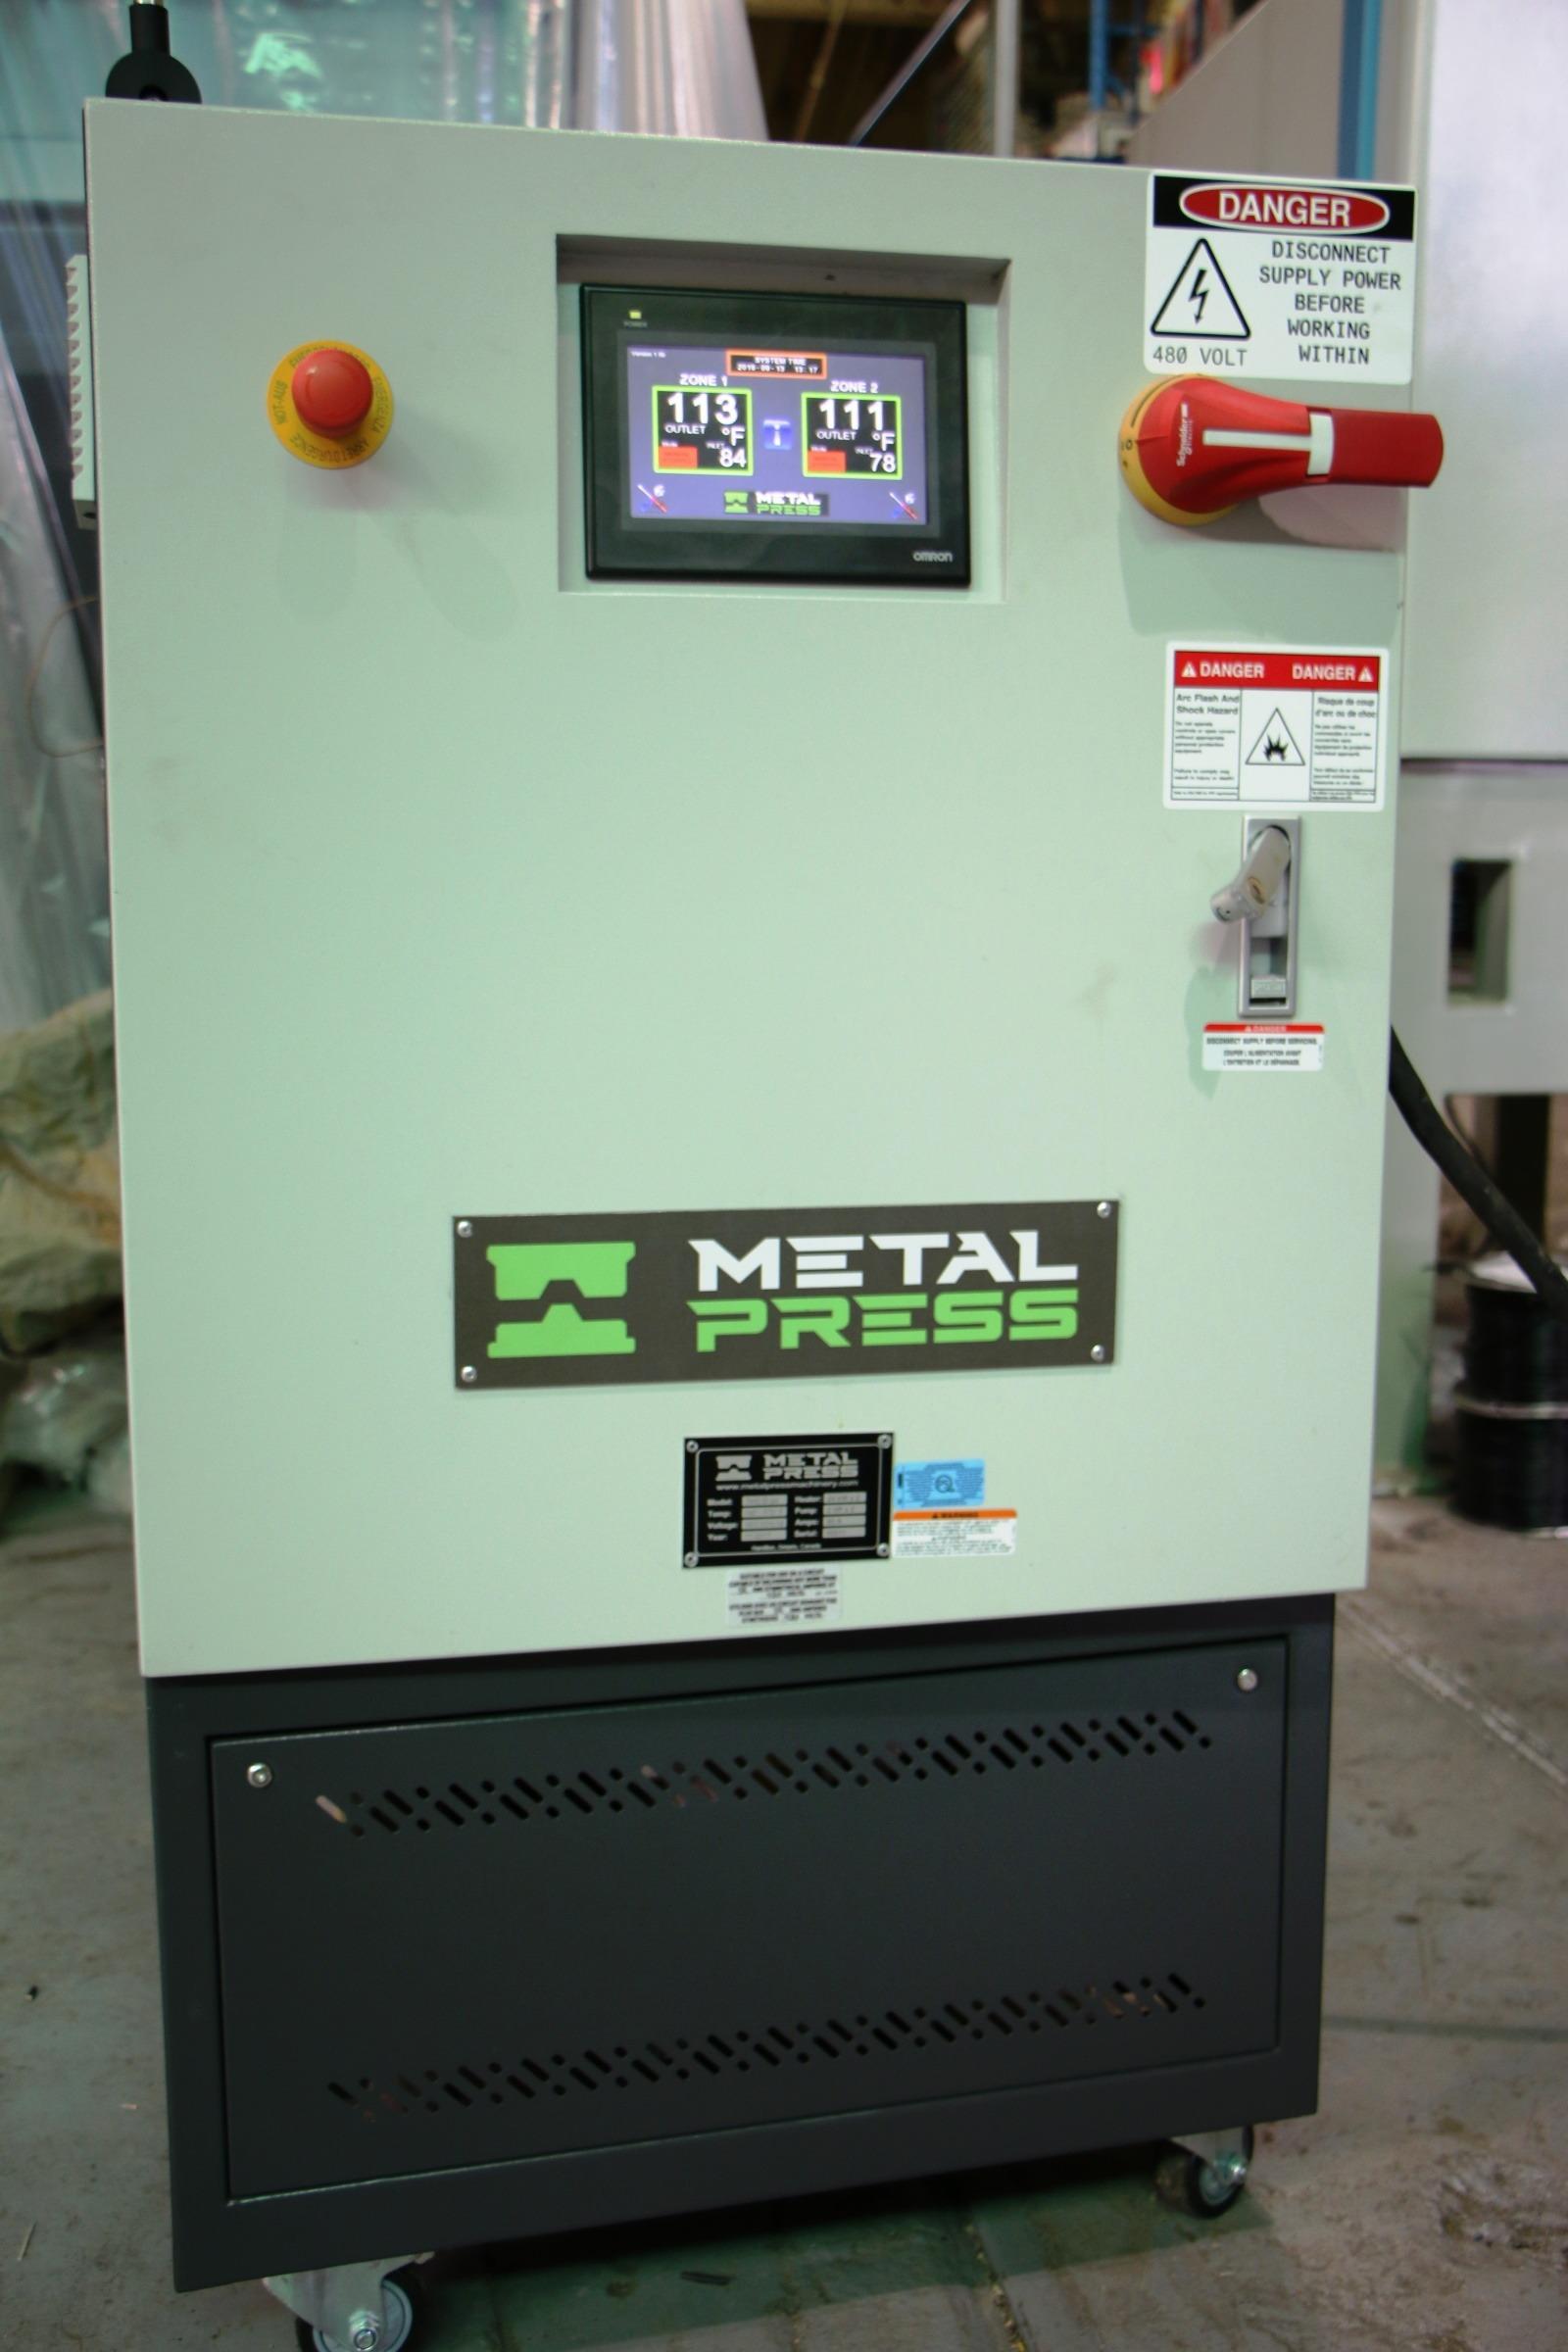 New MetalPress Hot Oil Temperature Control Units #4523